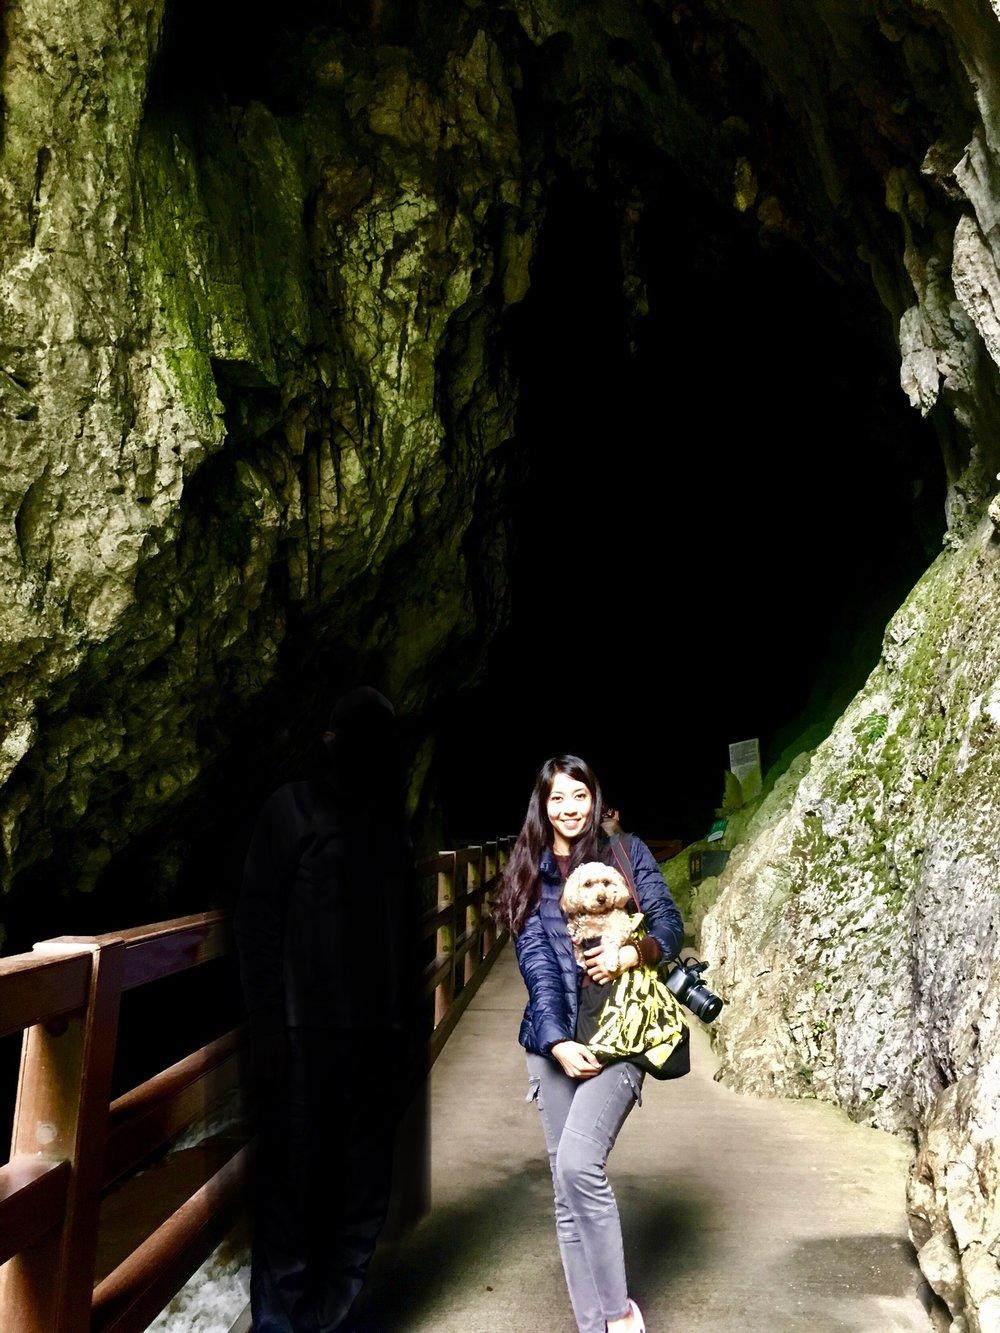 se permiten los perros en la cueva Akiyoshido?